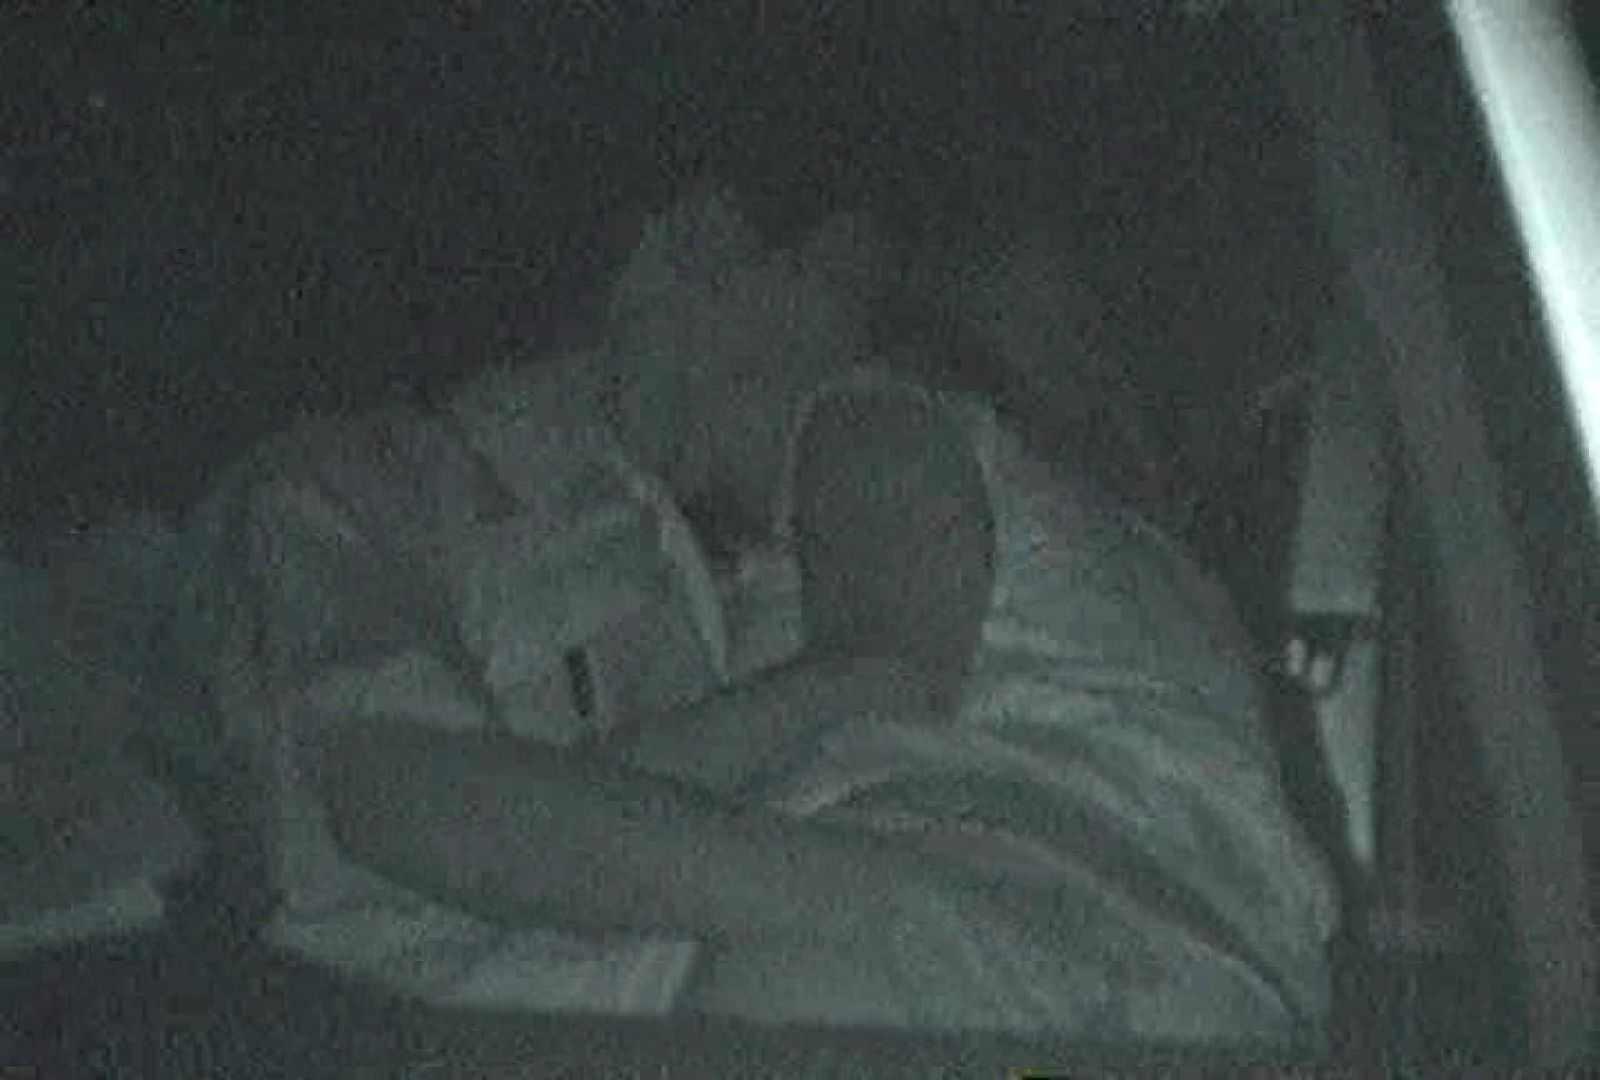 充血監督の深夜の運動会Vol.69 エロティックなOL おめこ無修正画像 58画像 46